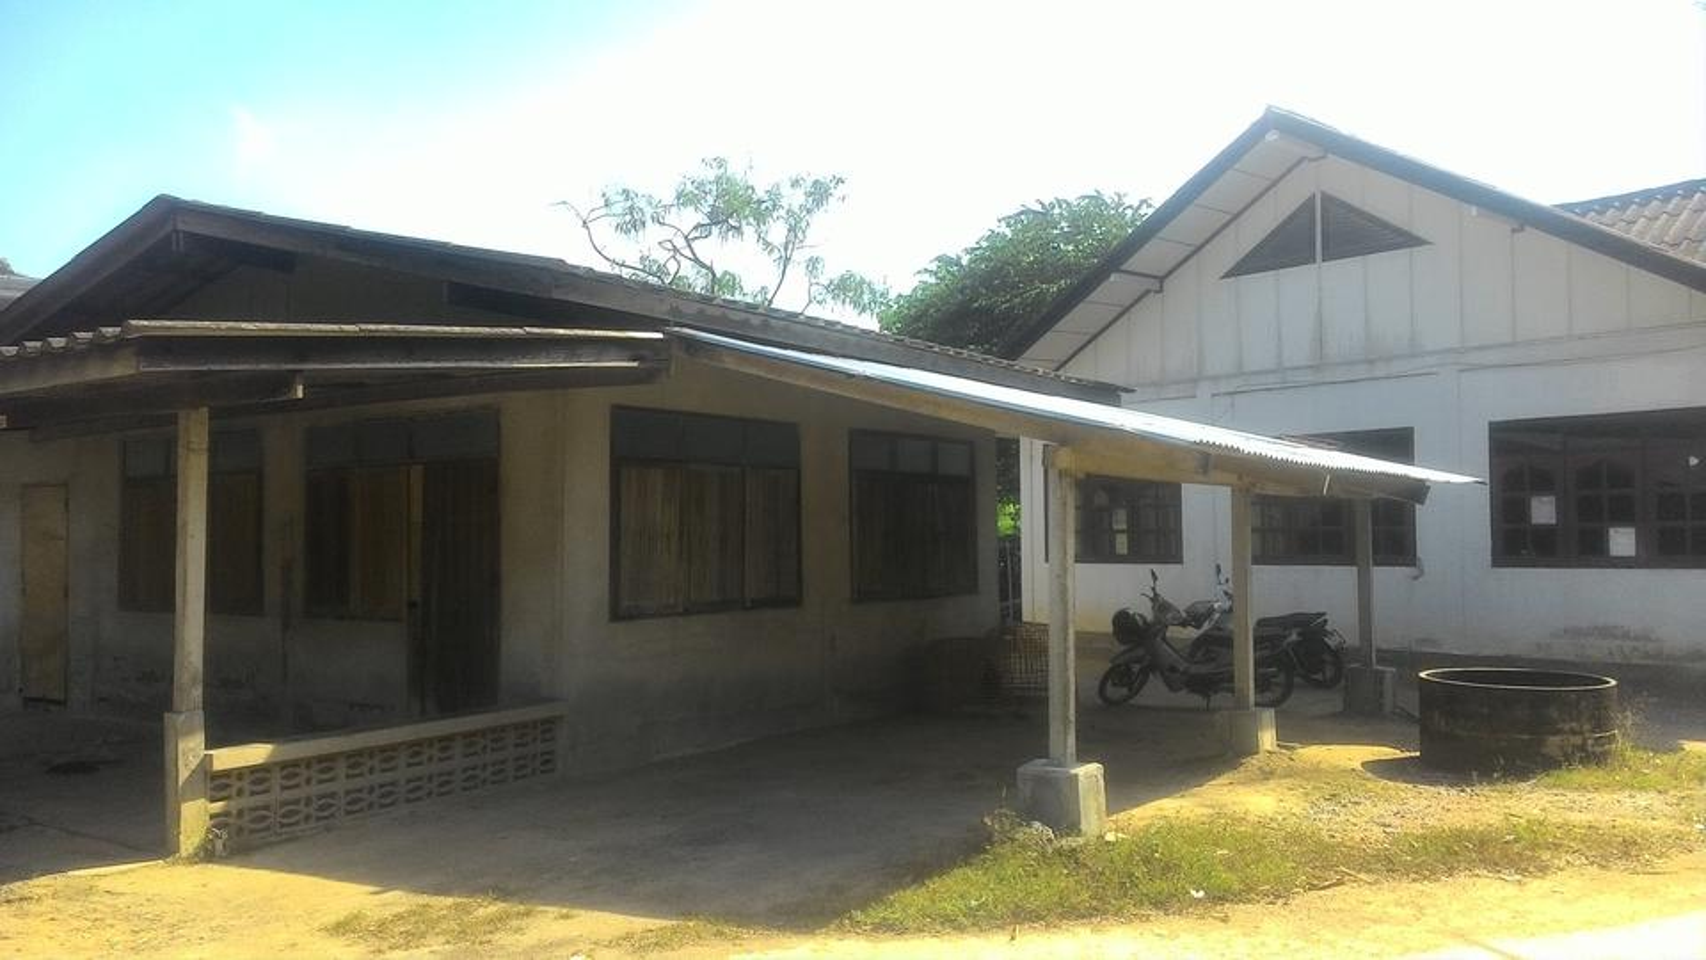 ขายบ้านพร้อมที่ดินที่พัทยา บ้านมีสองหลังในเนื้อที่ 1งาน 33 ตารางวา เจ้าของขายเอง รูปที่ 2